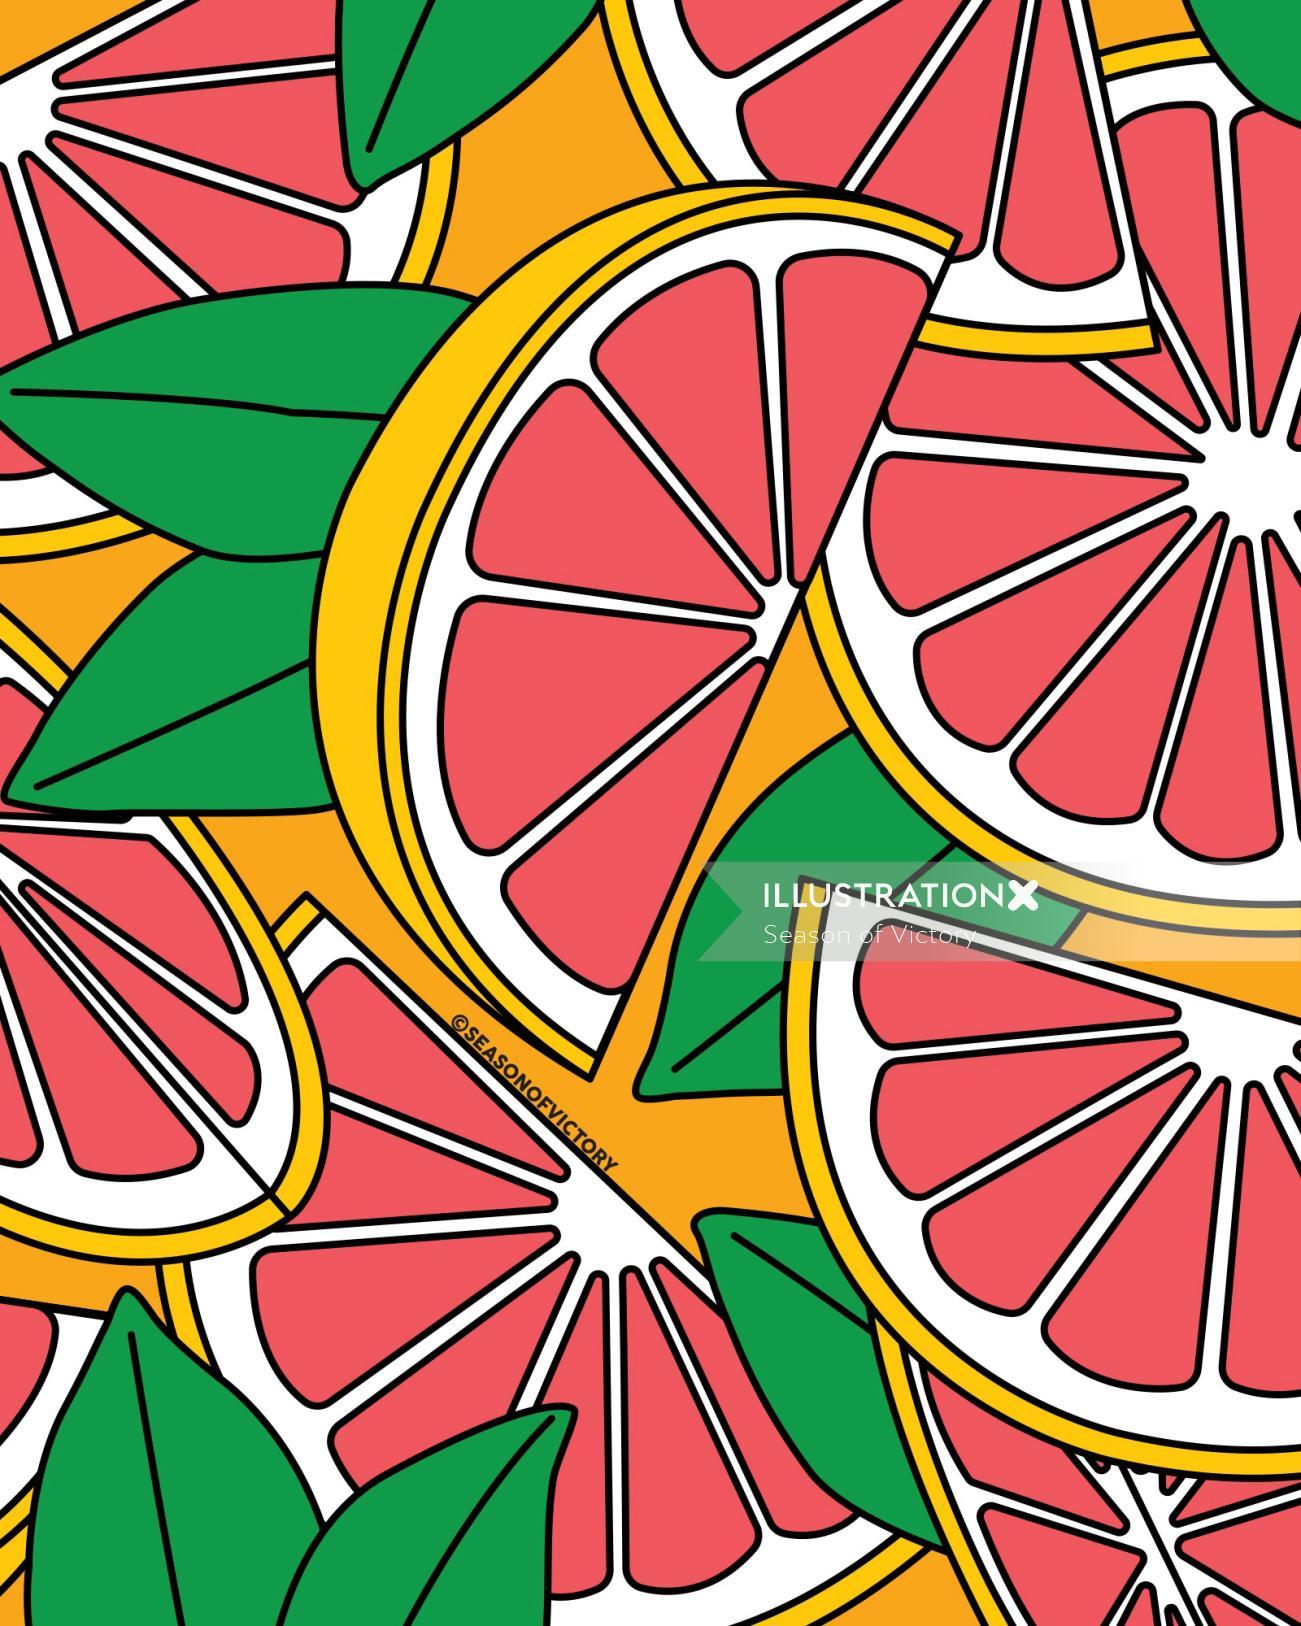 Citrus fruit illustration for packaging design flavored drinks